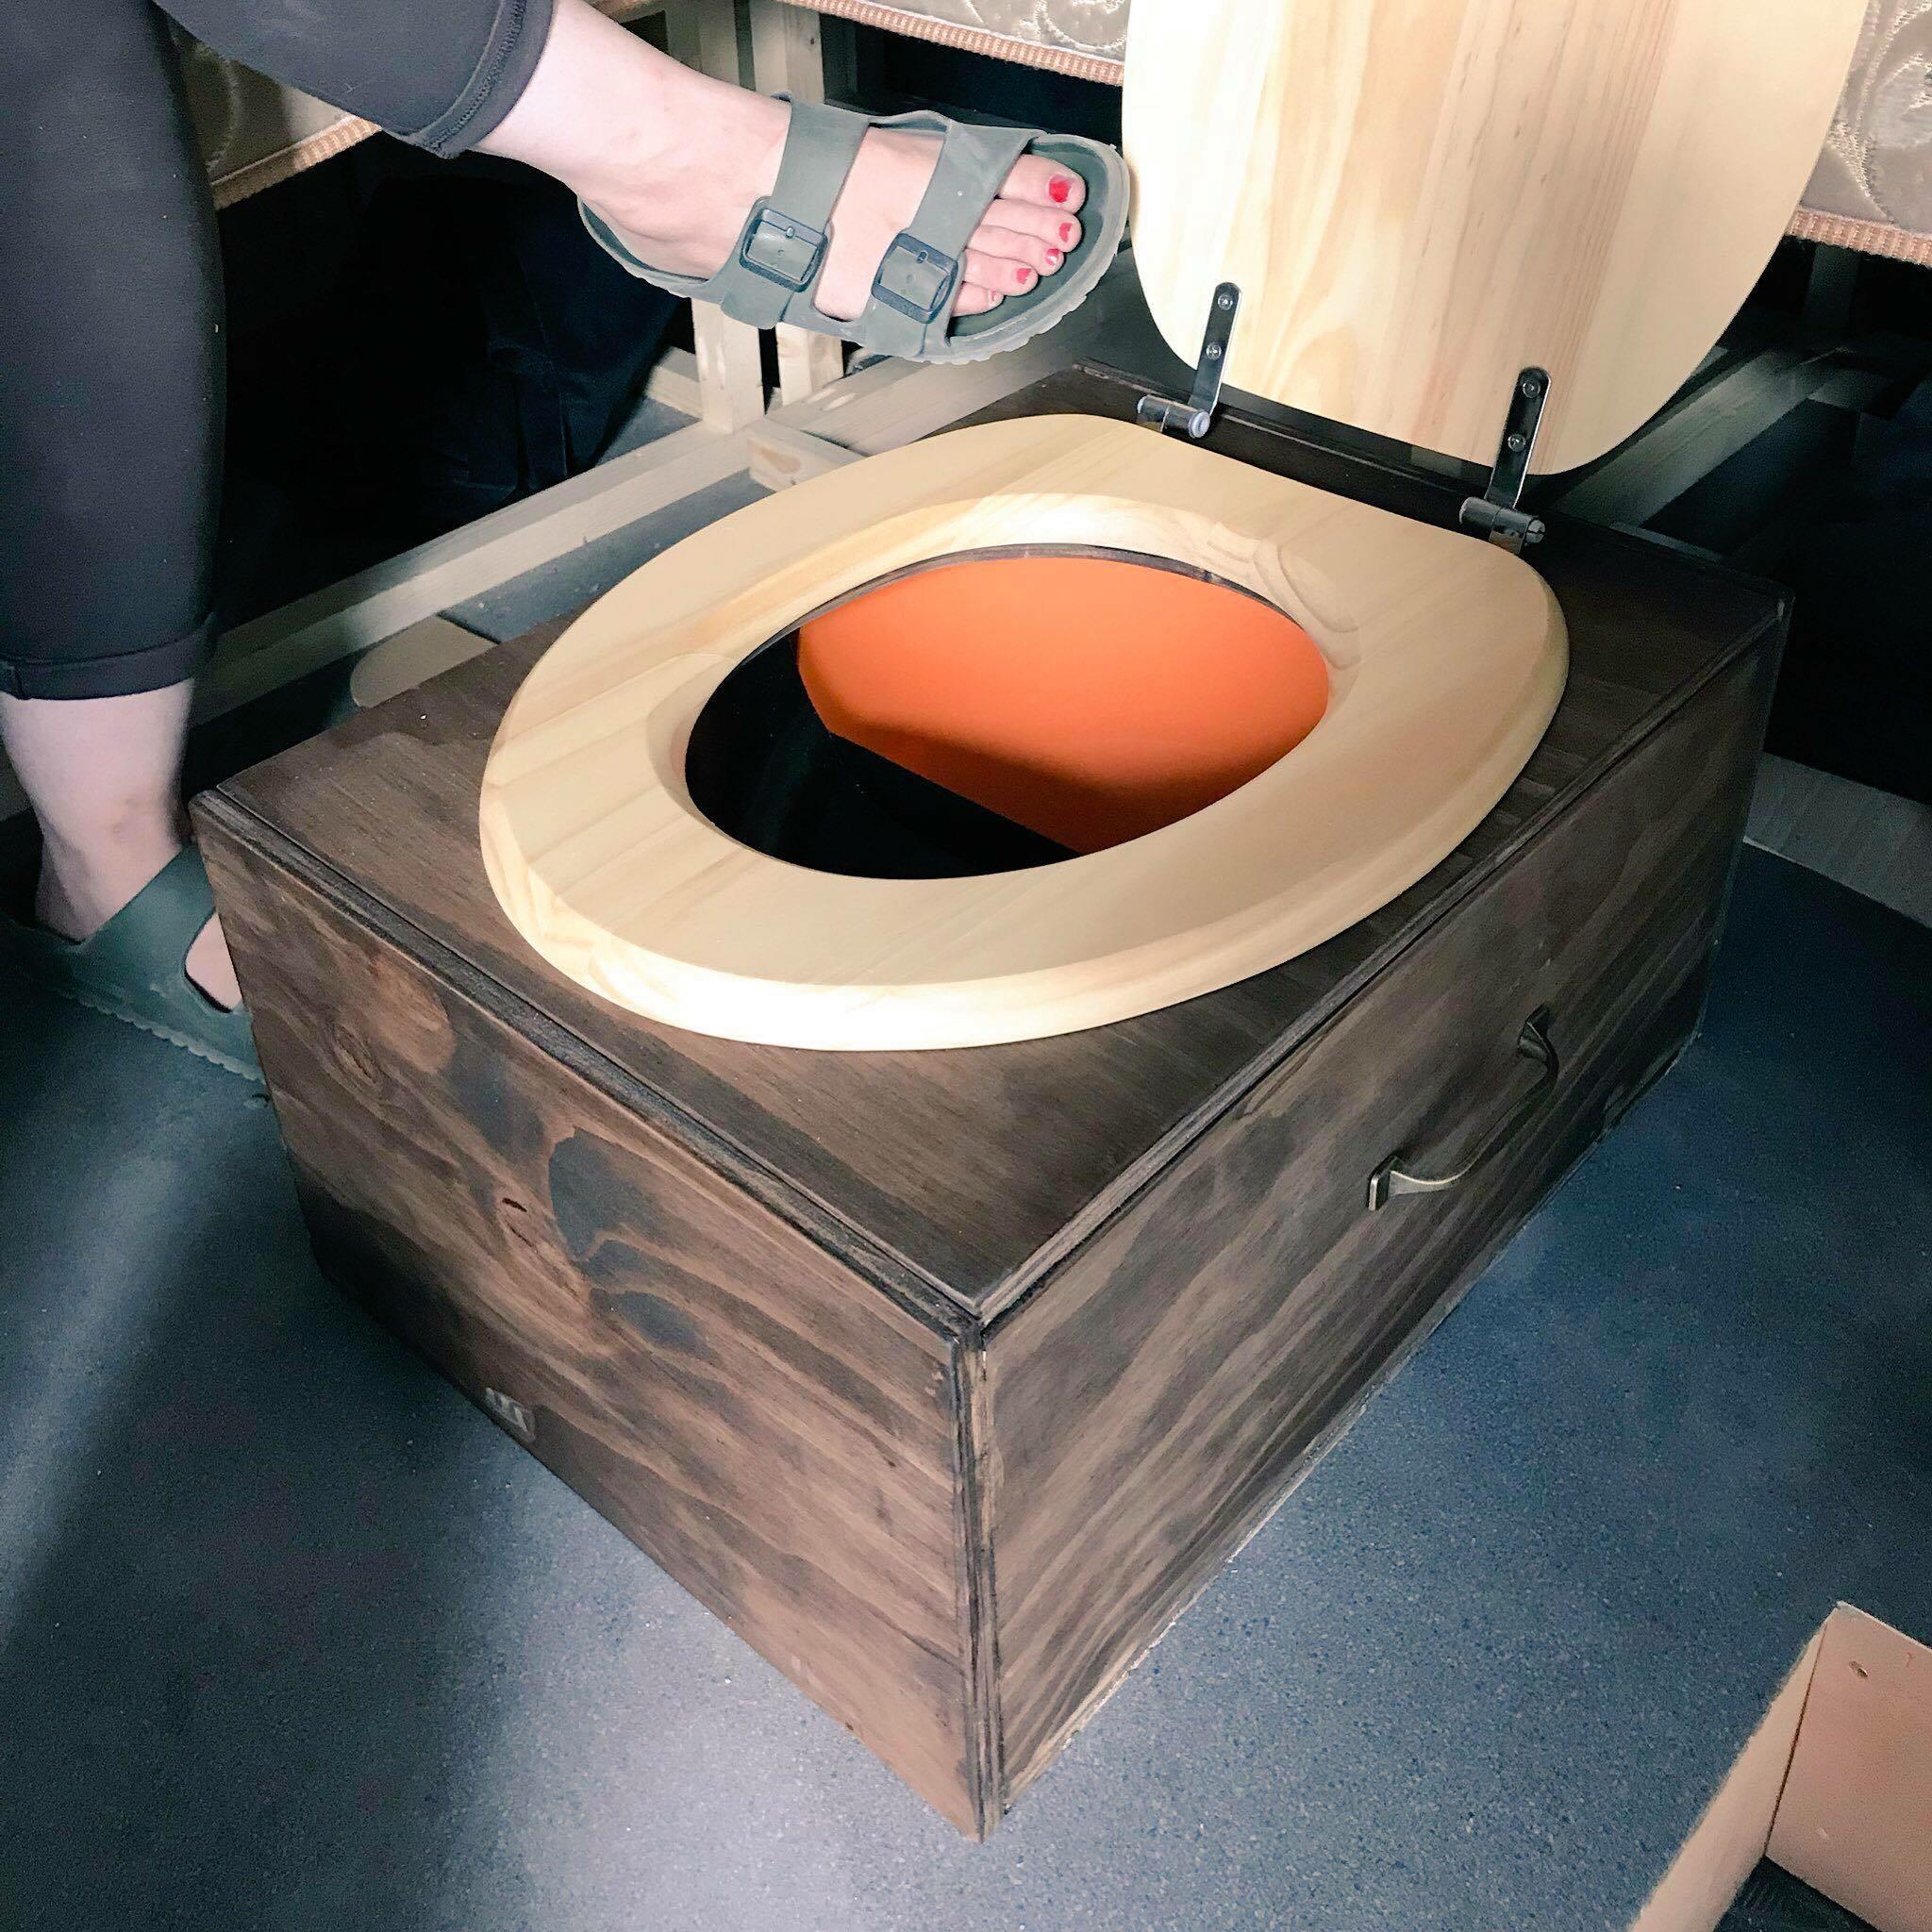 diy separating composting toilet